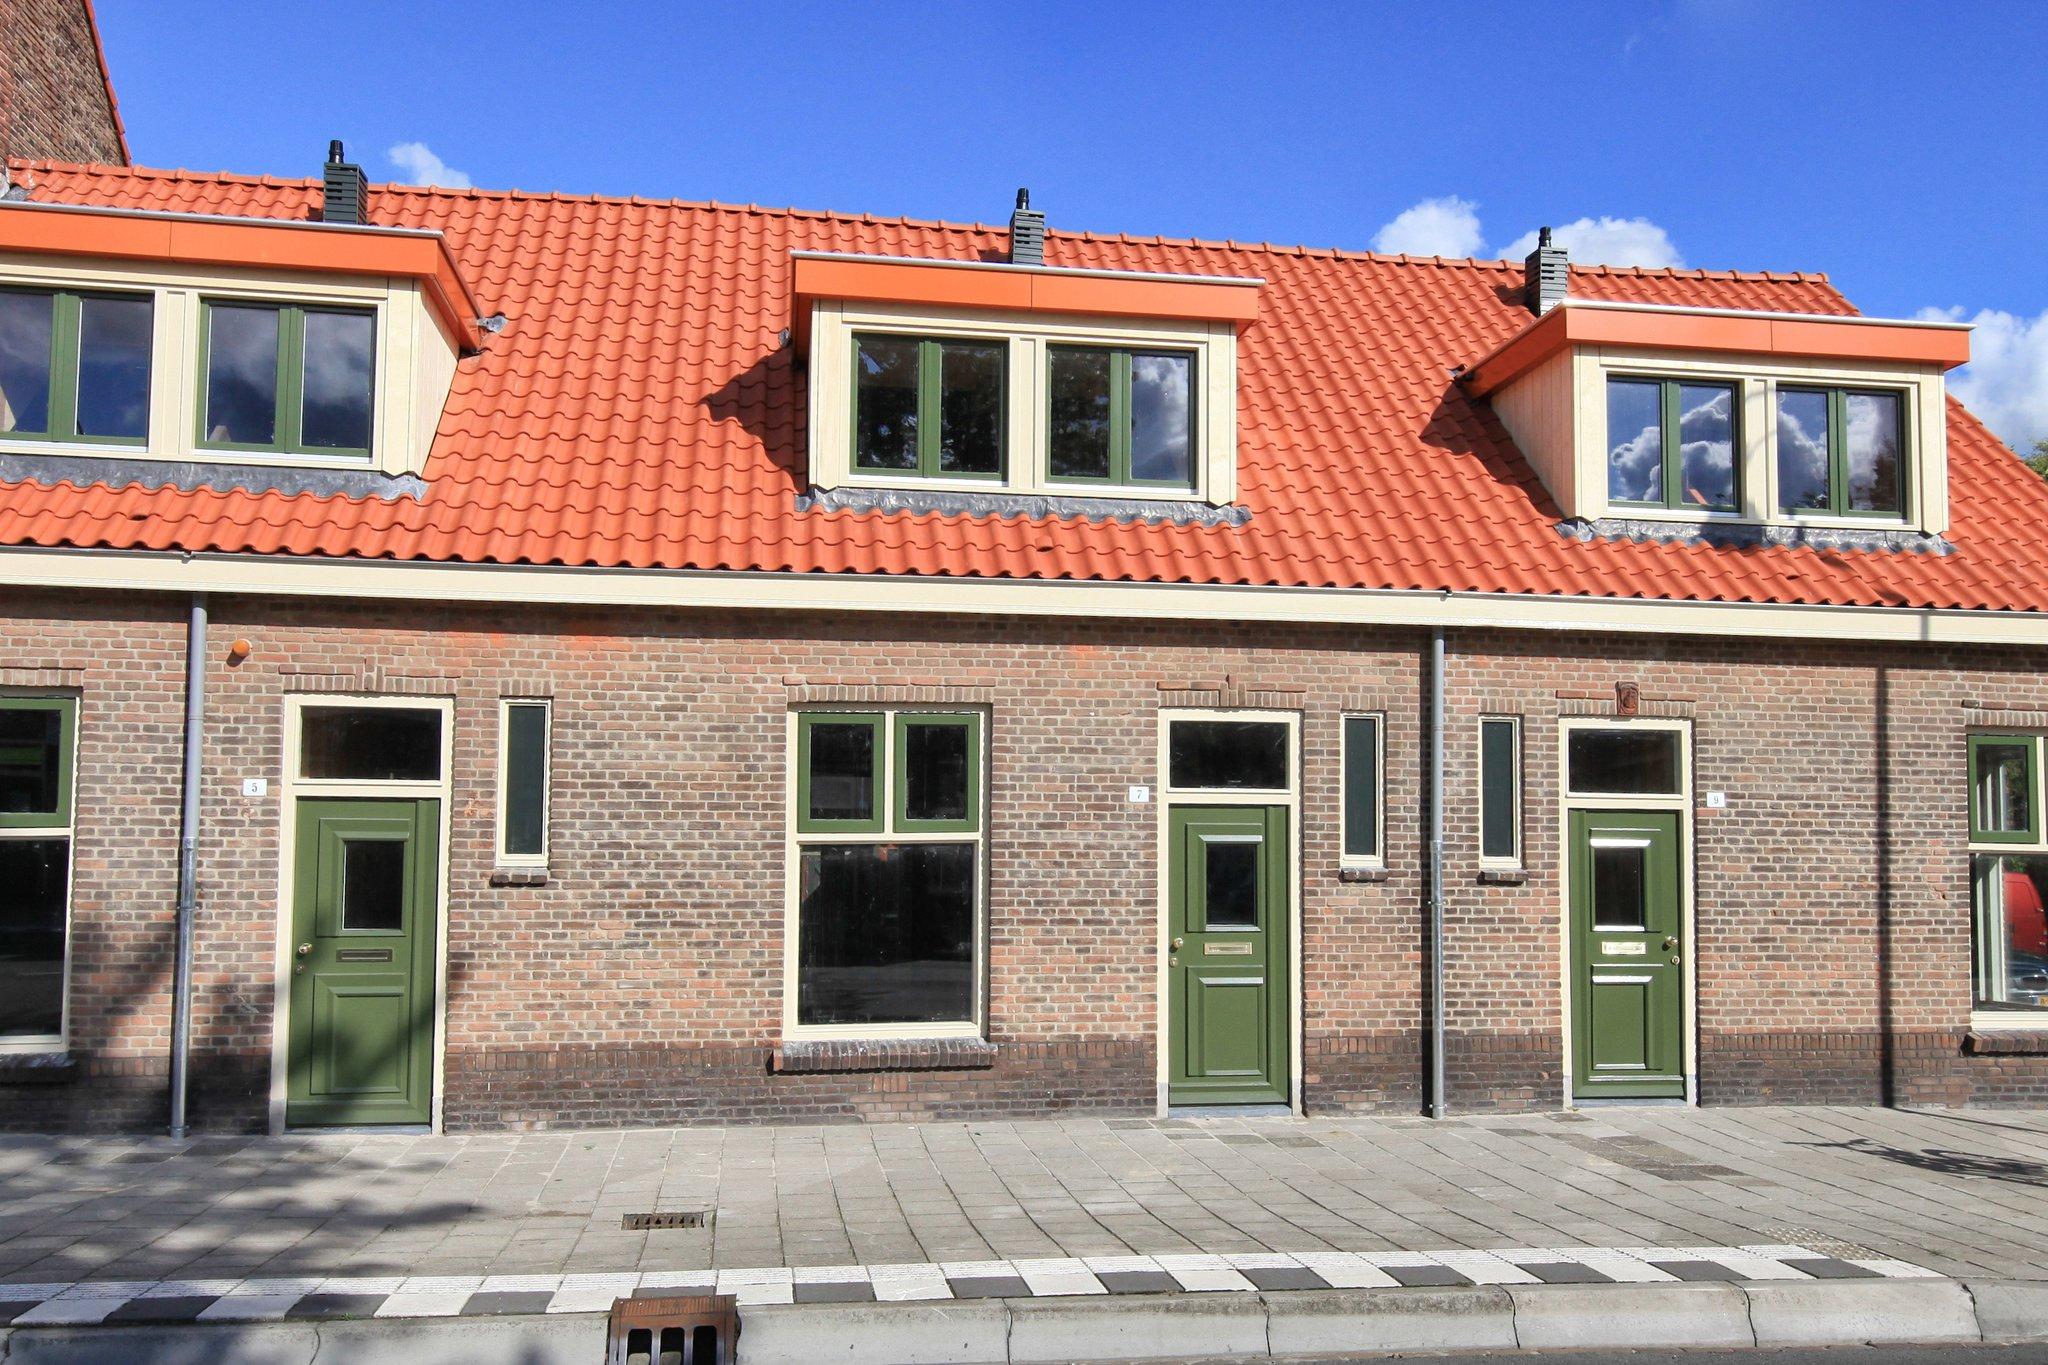 kruistochtstraat-kruitochtbuurt-haarlem-oost